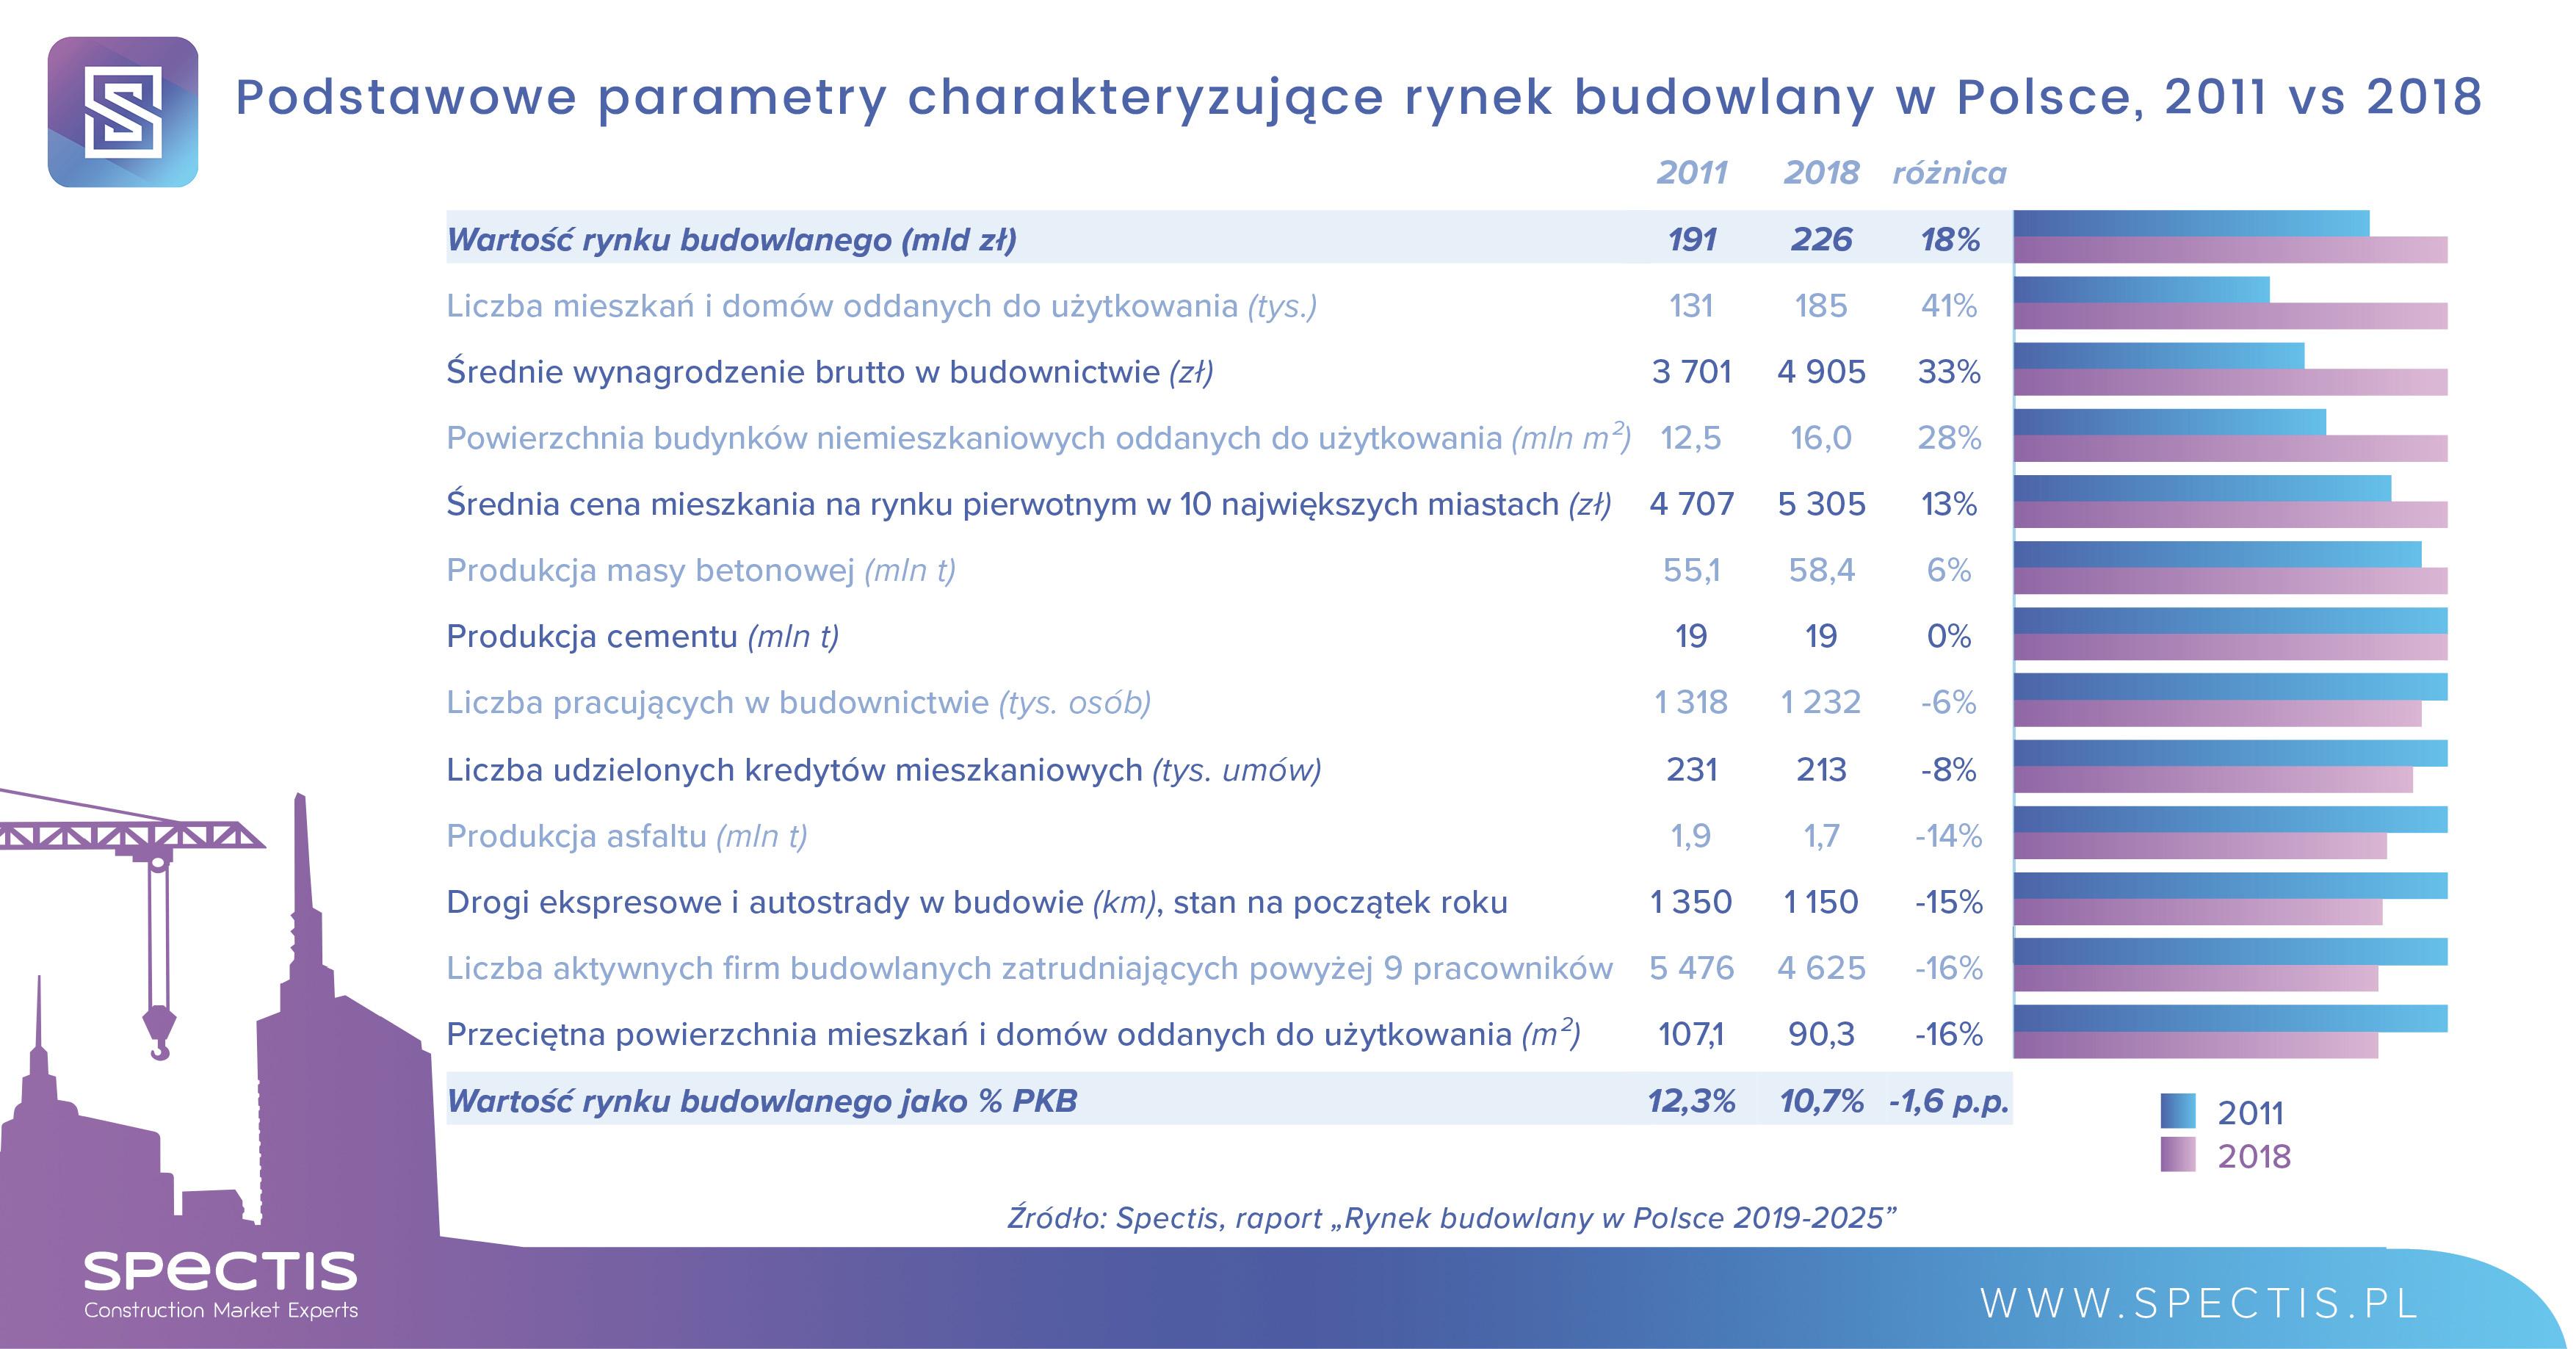 Podstawowe parametry charakteryzujące rynek budowlany w Polsce. Porównanie 2011 vs 2018. Źródło: Spectis